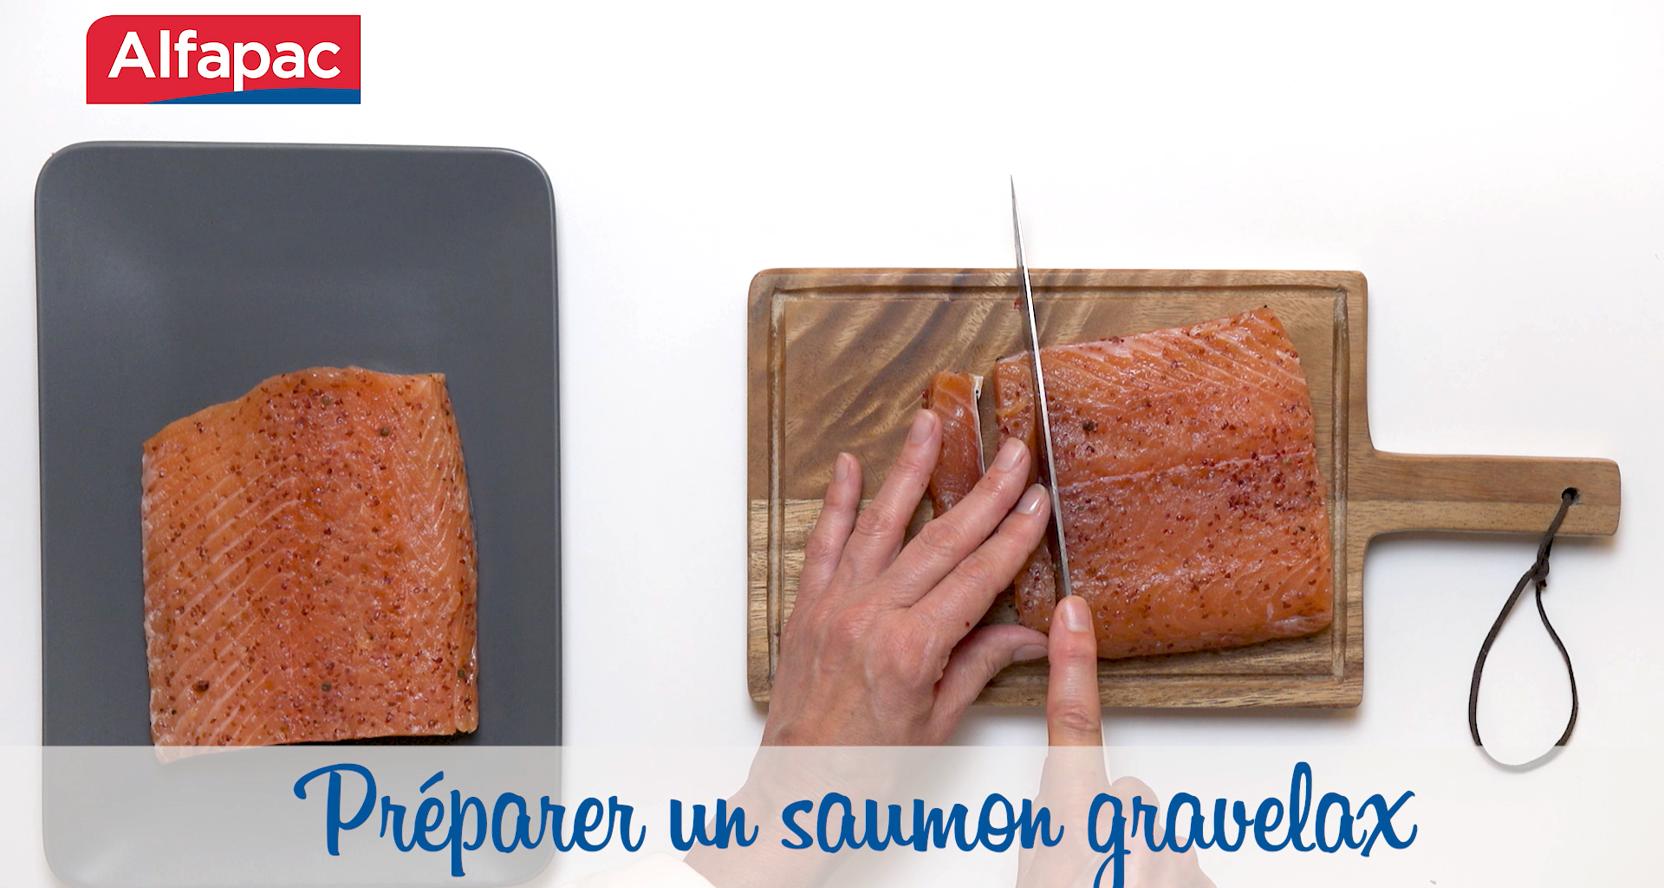 Préparer un saumon gravelax avec le film multi-usages Alfapac